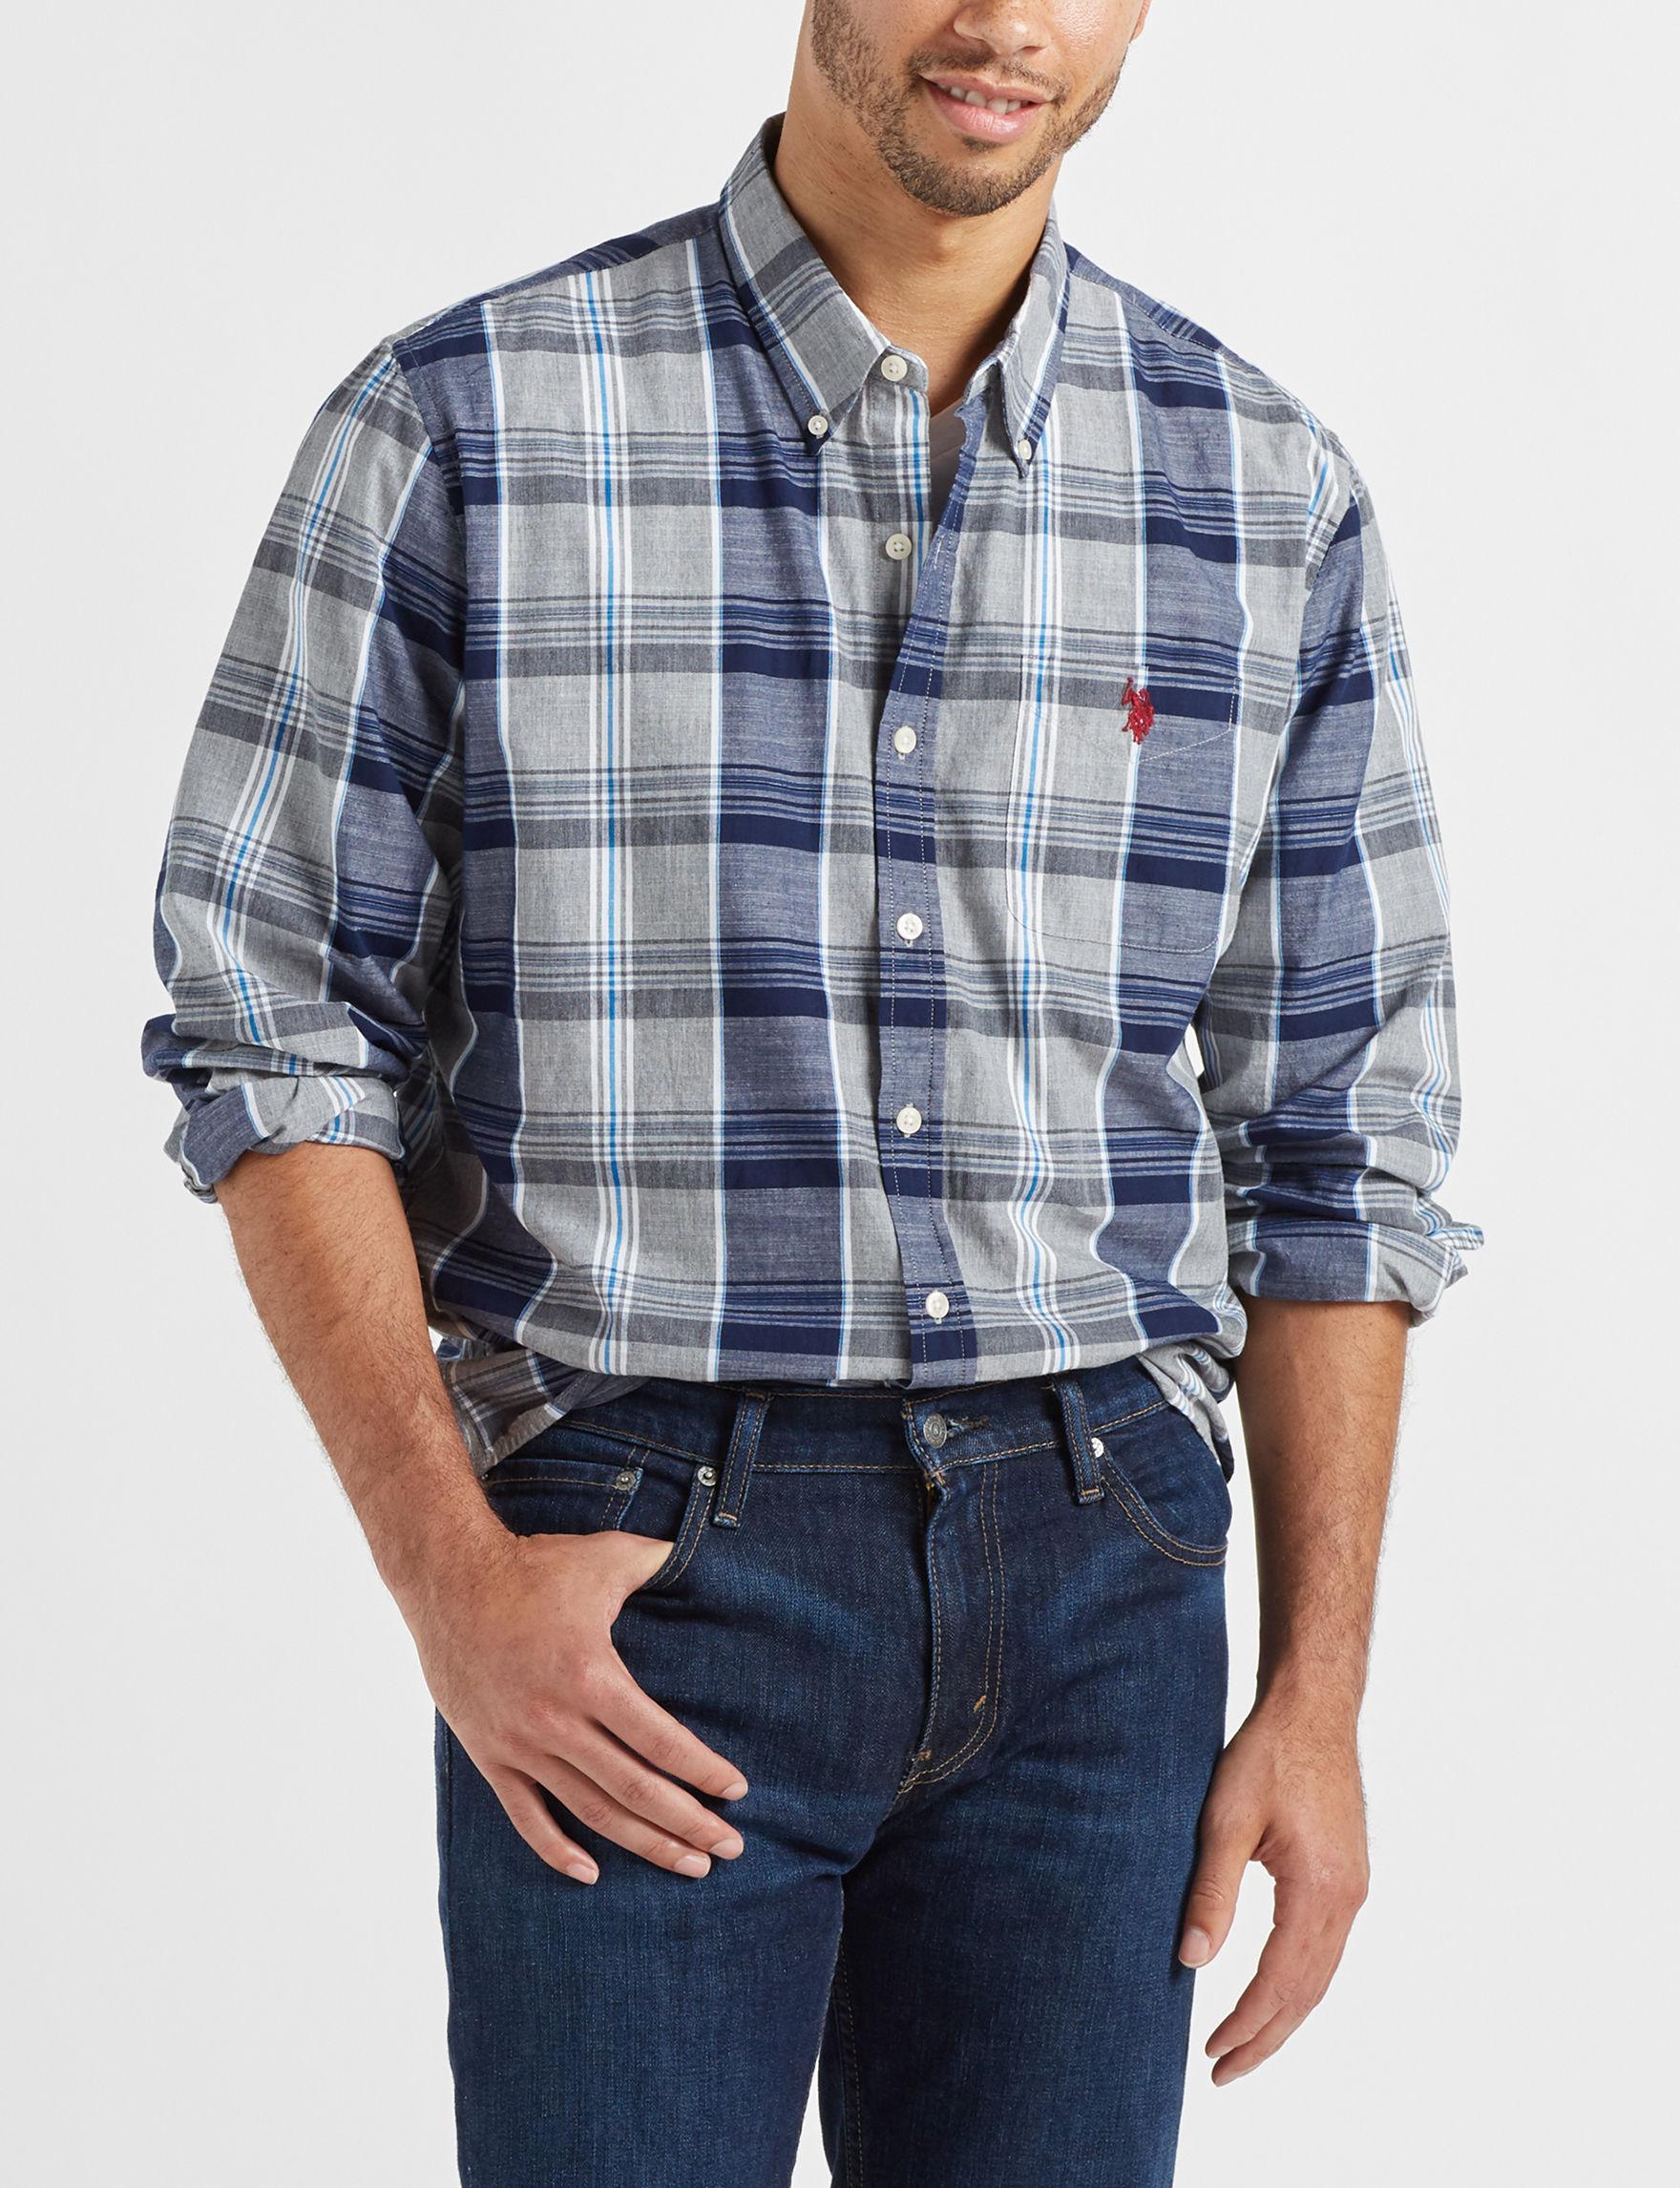 U.S. Polo Assn. Grey Plaid Casual Button Down Shirts